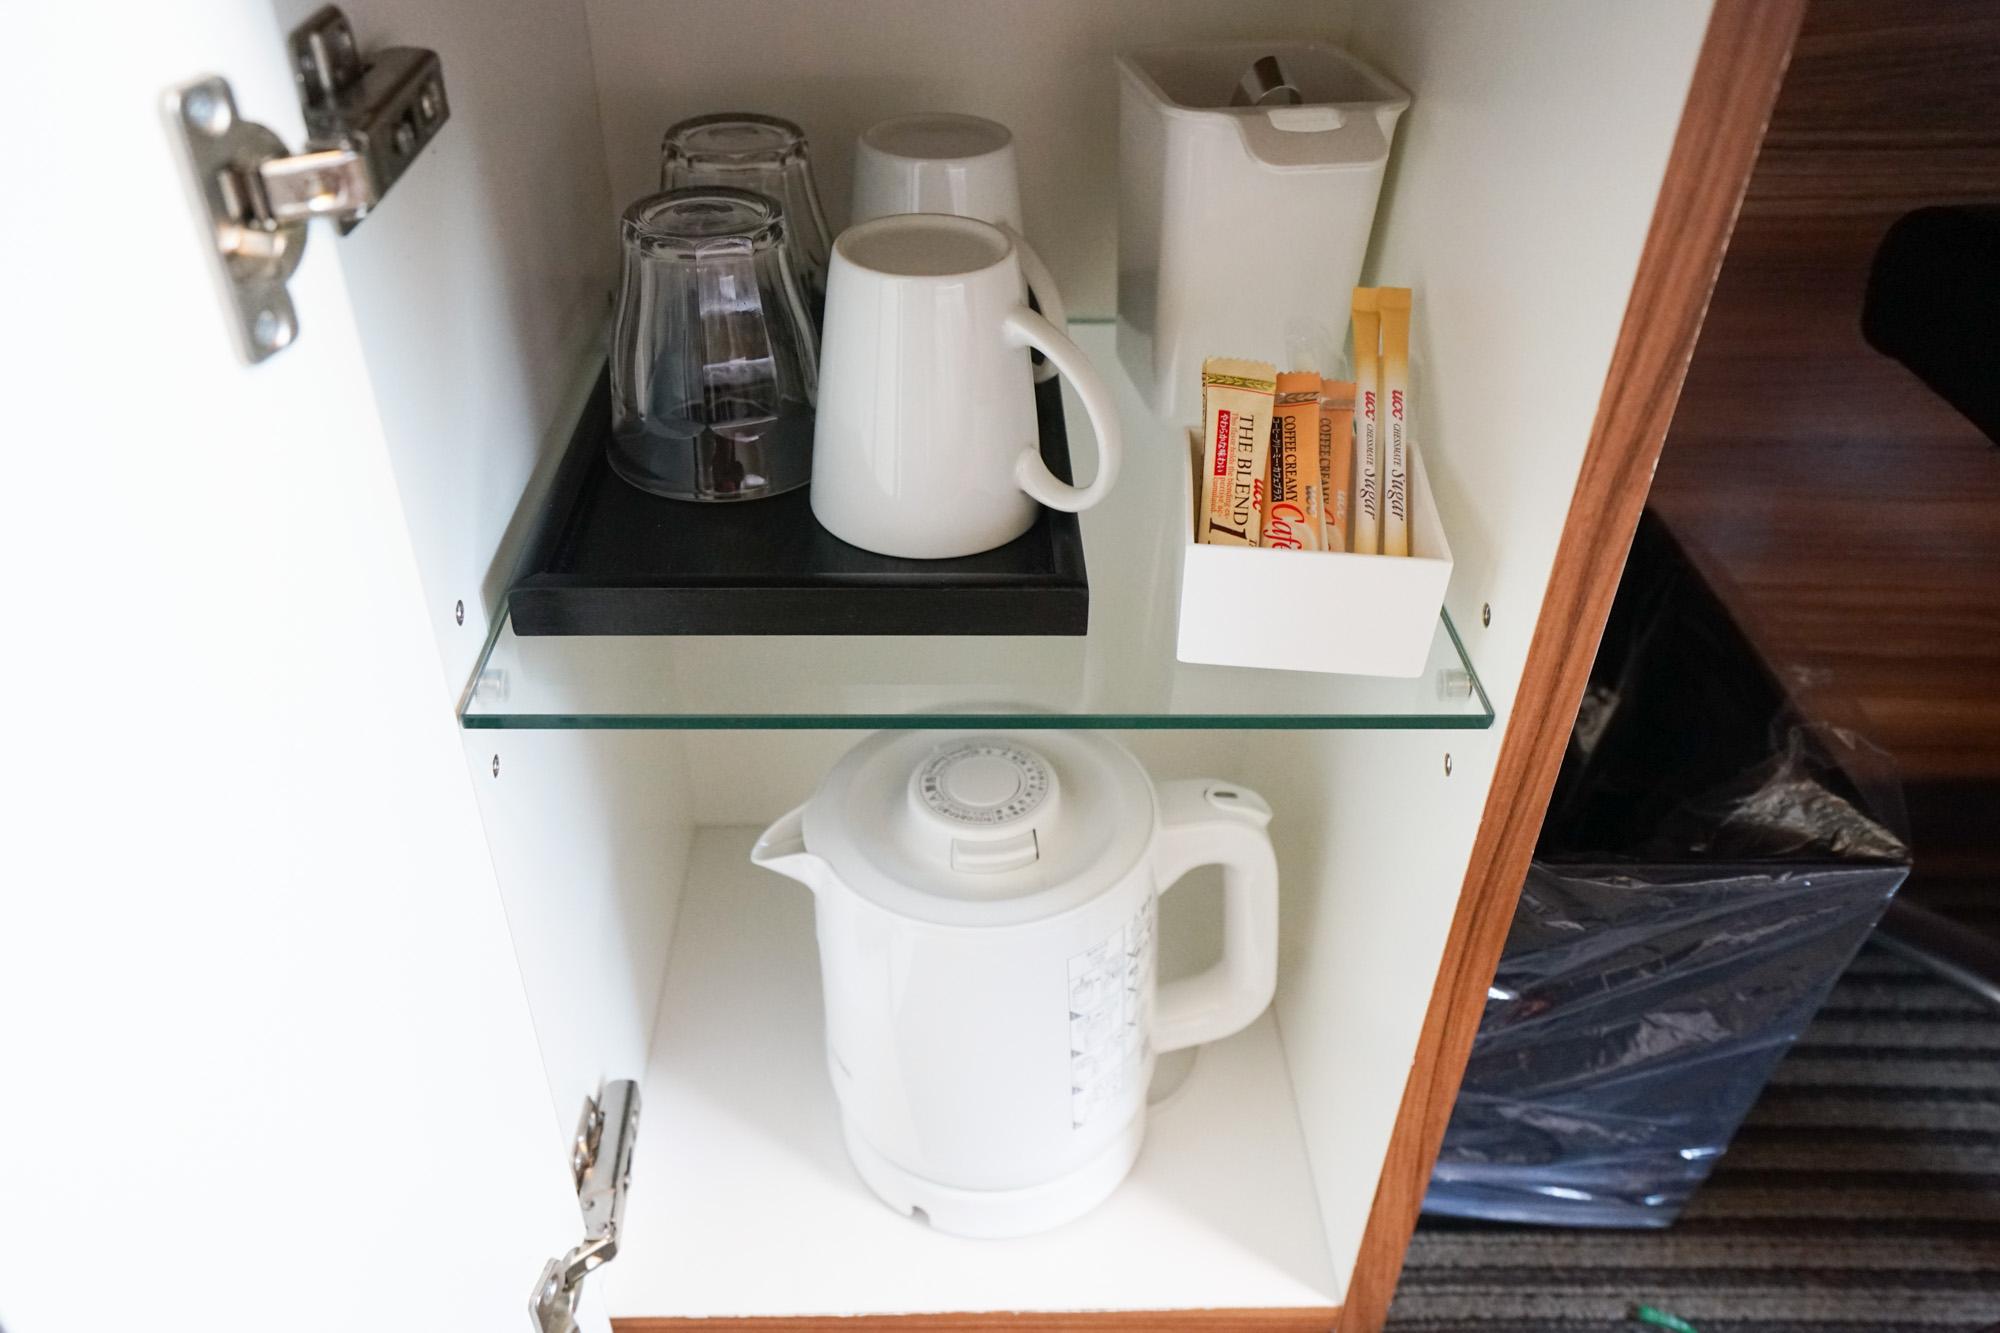 デスク下のキャビネットに電気ポットやカップがあります。